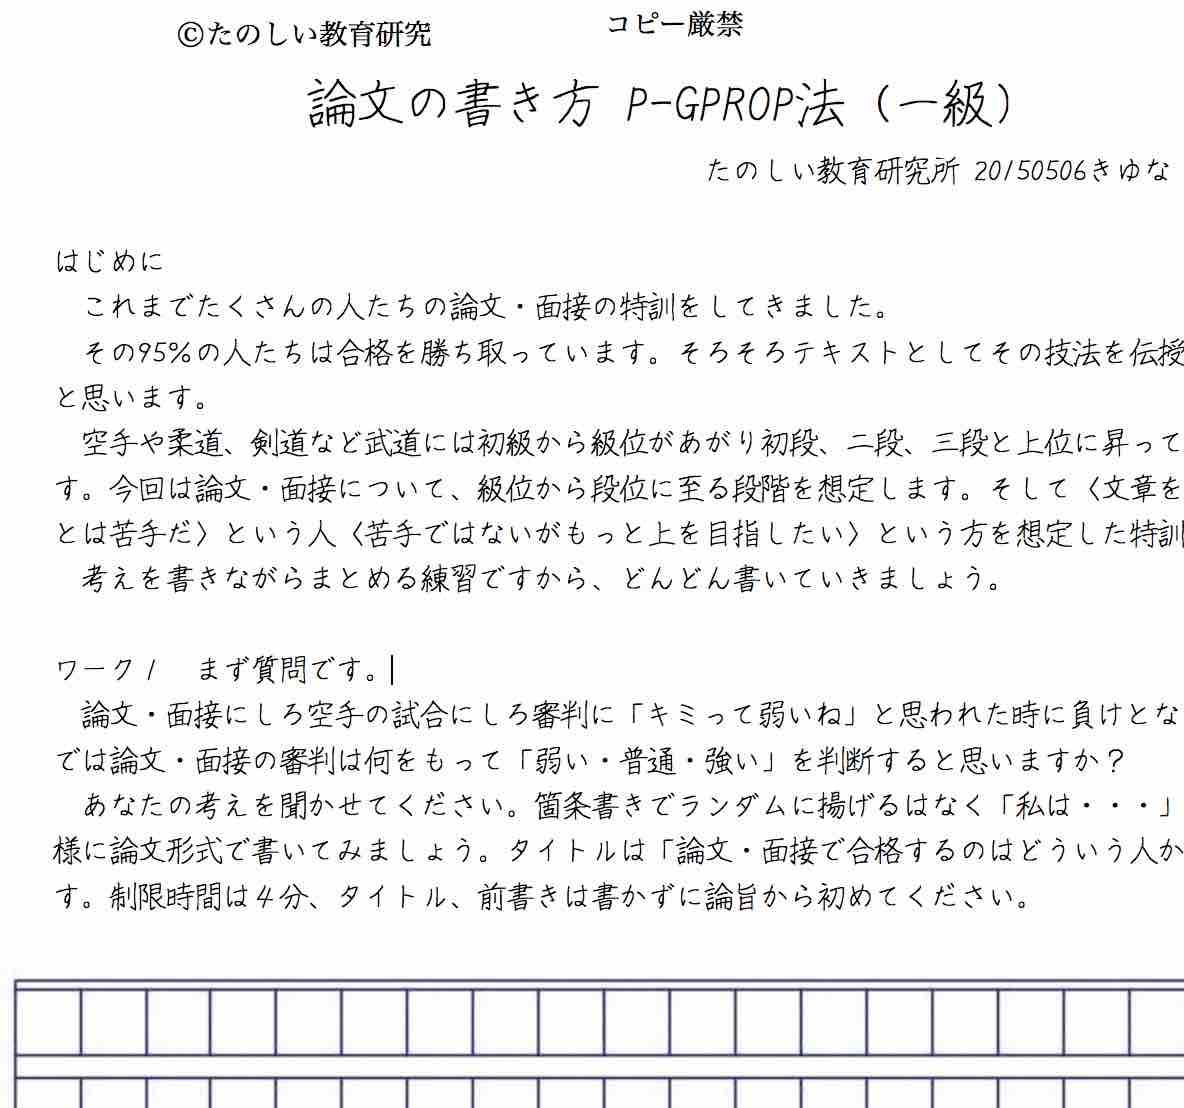 論文の書き方(構成)テキスト